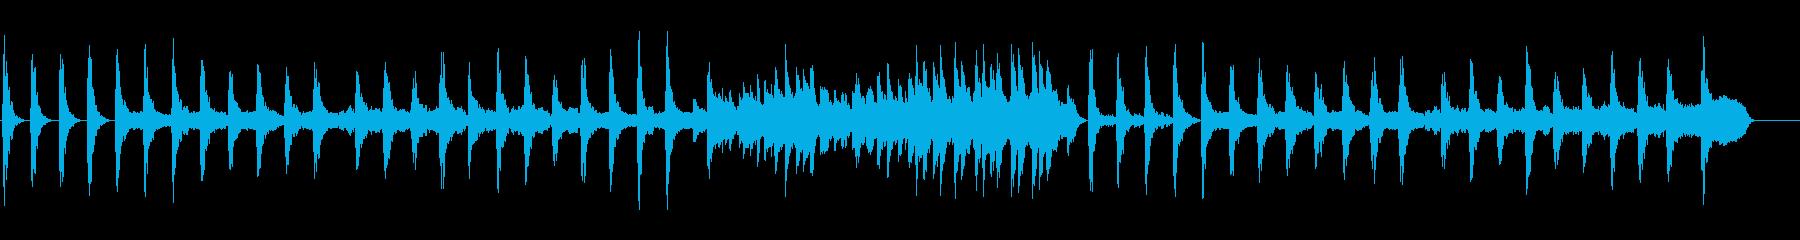 環境音楽(リラクセイション系)の再生済みの波形